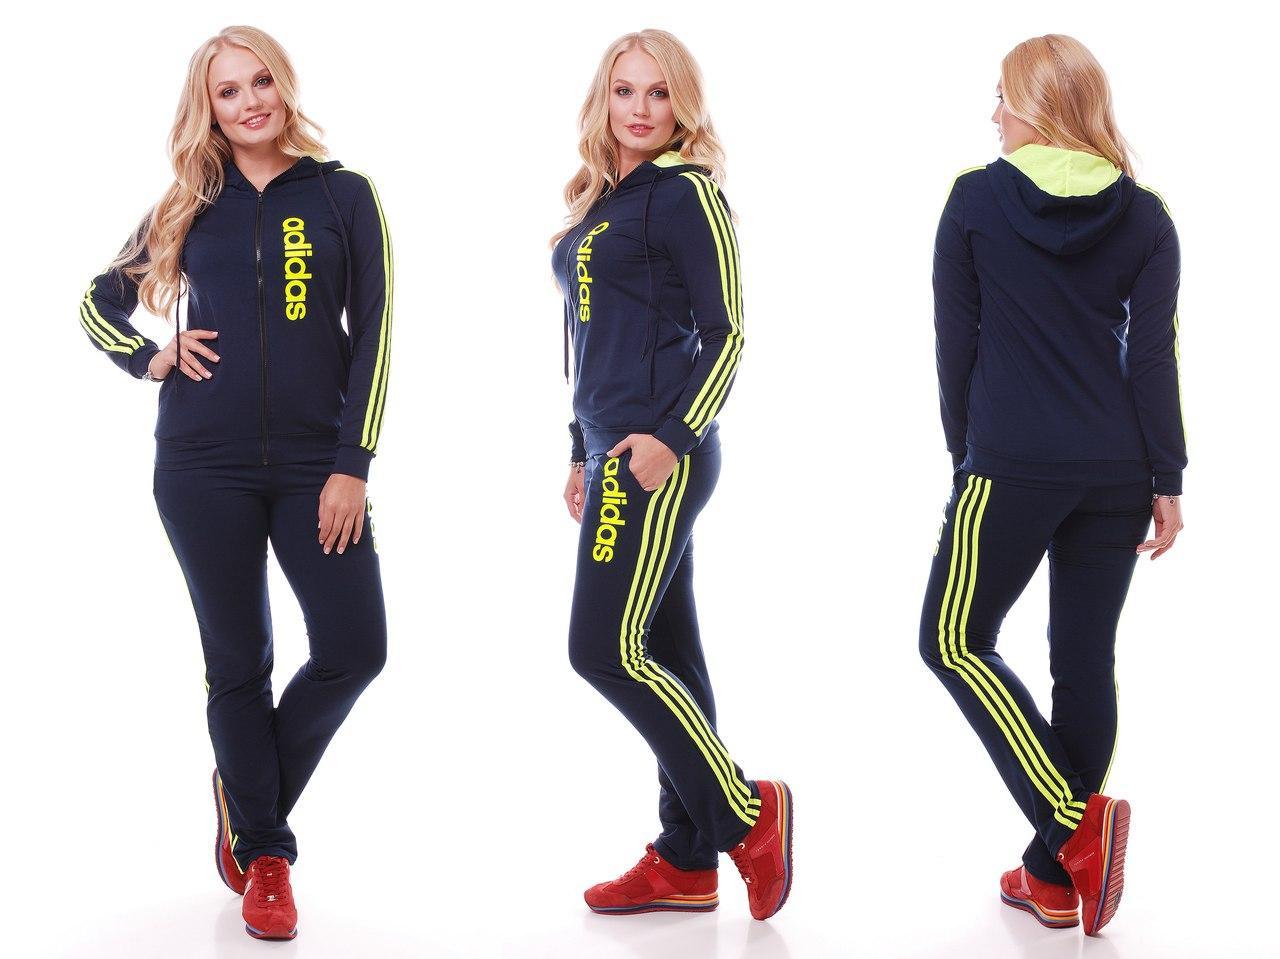 Женский спортивный костюм штаны и куртка с капюшоном реплика Adidas серия он и она батальные размеры